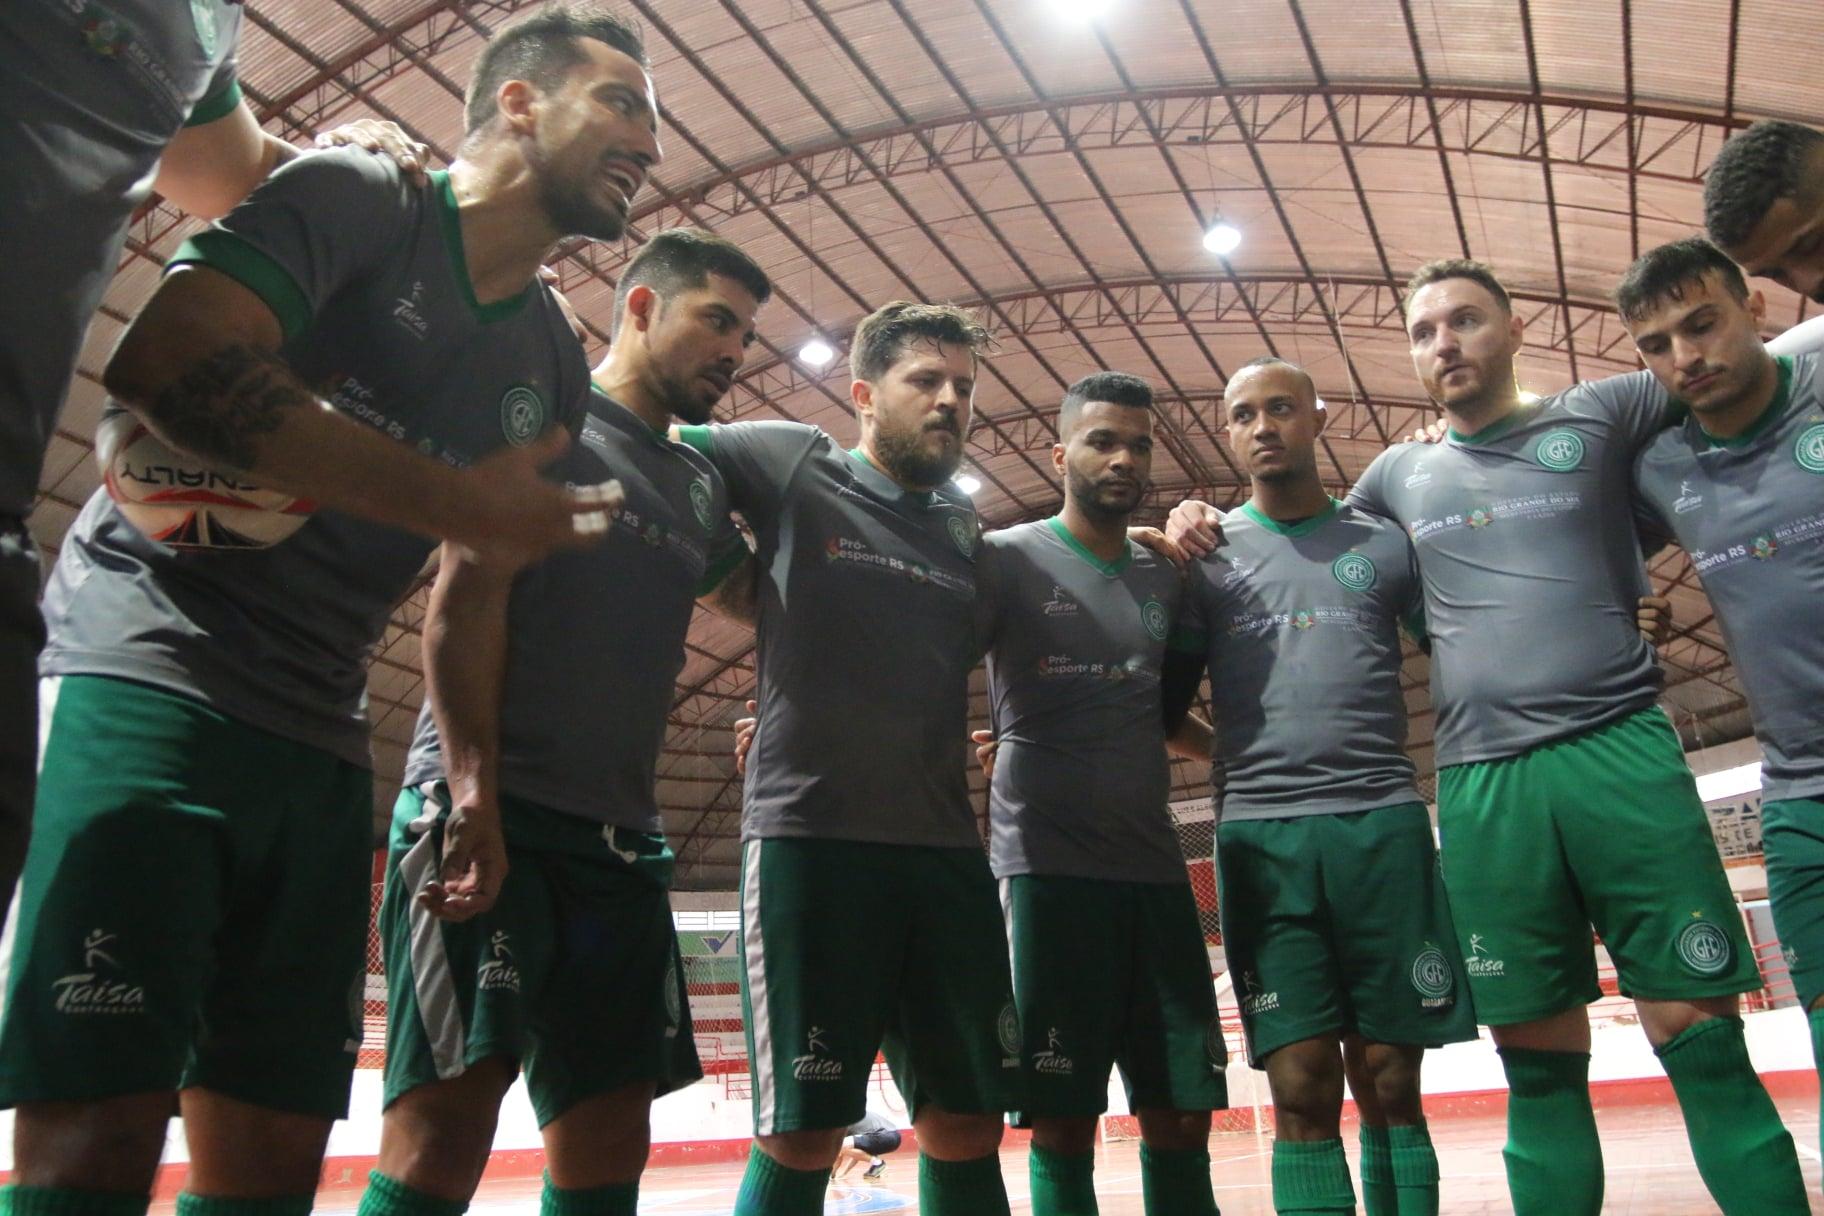 Guarani de Frederico Westphalen recebe o Passo Fundo na abertura da Liga Gaúcha de Futsal